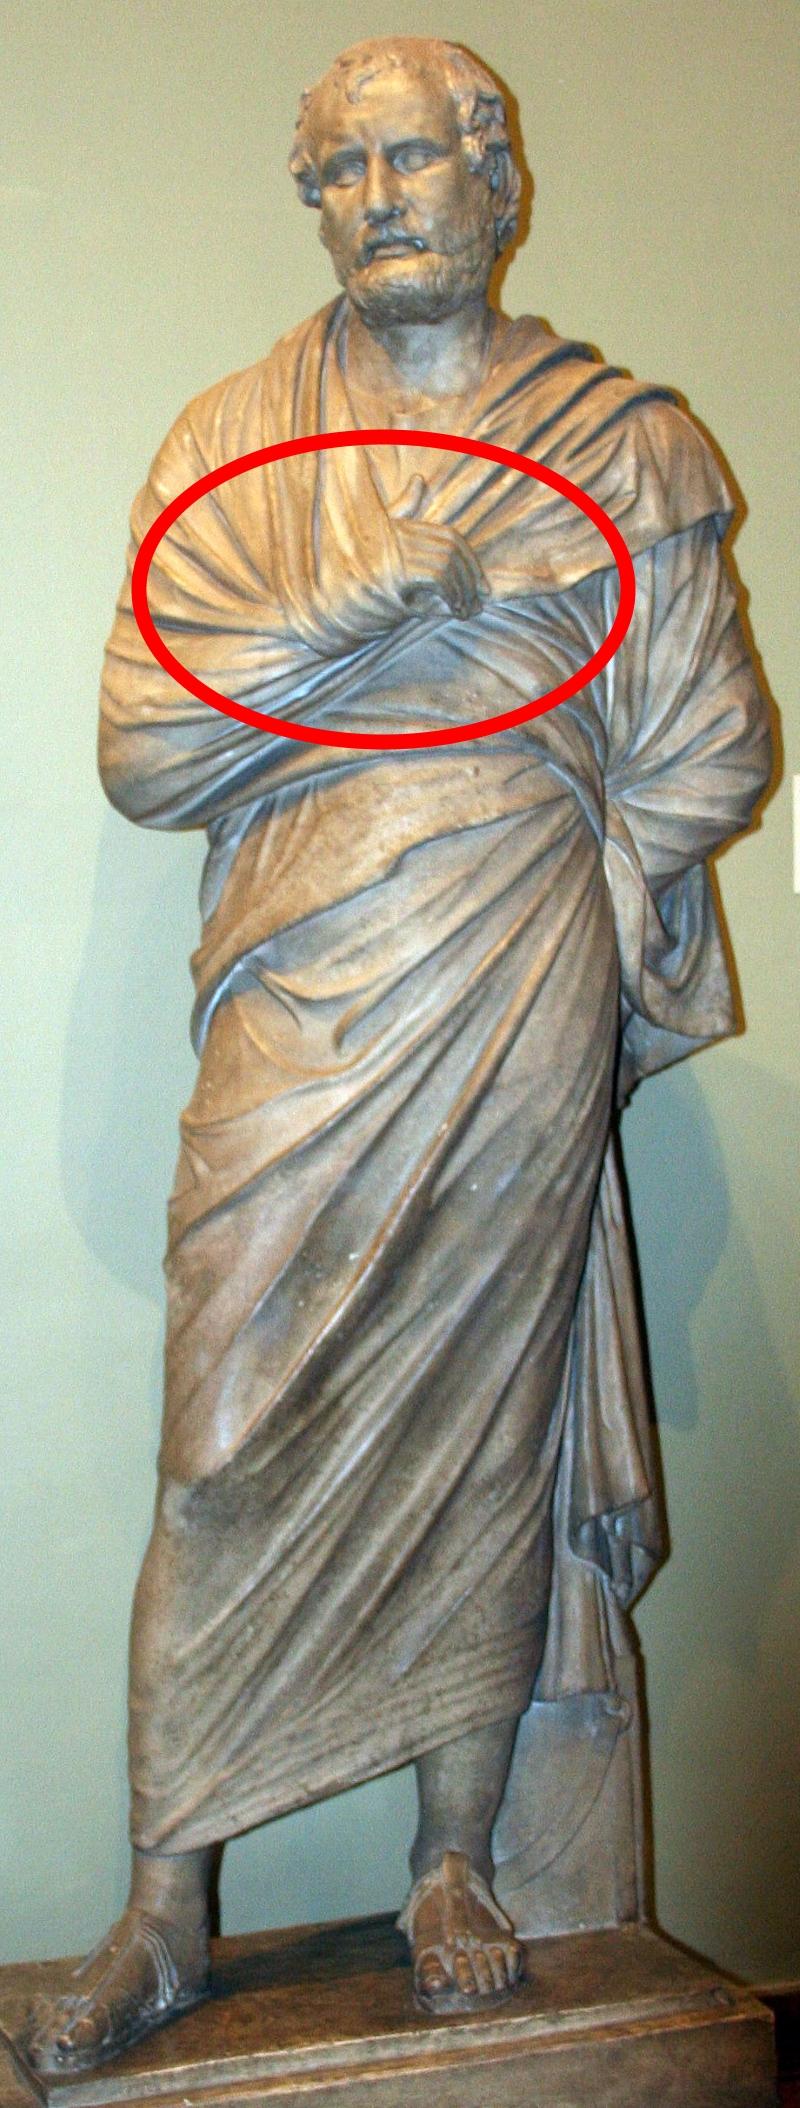 А вы знаете, почему на портретах и фото исторические личности руку прячут под одеждой? Ни за что не догадаетесь!